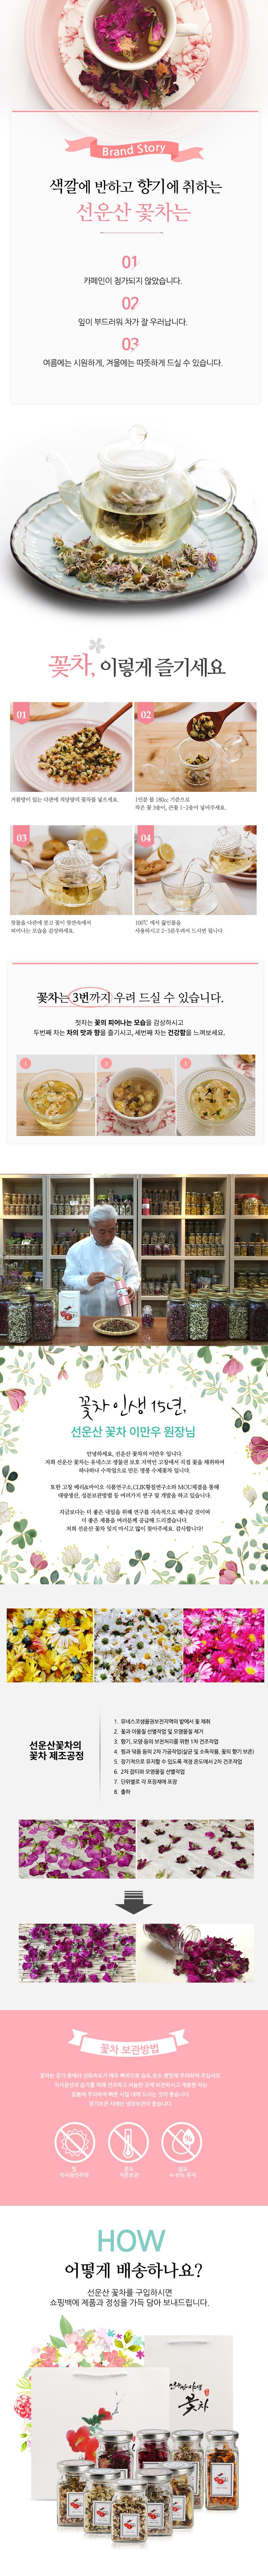 벚꽃차10g - 선운산야생꽃차, 27,000원, 차, 우롱차/전통차/한방차